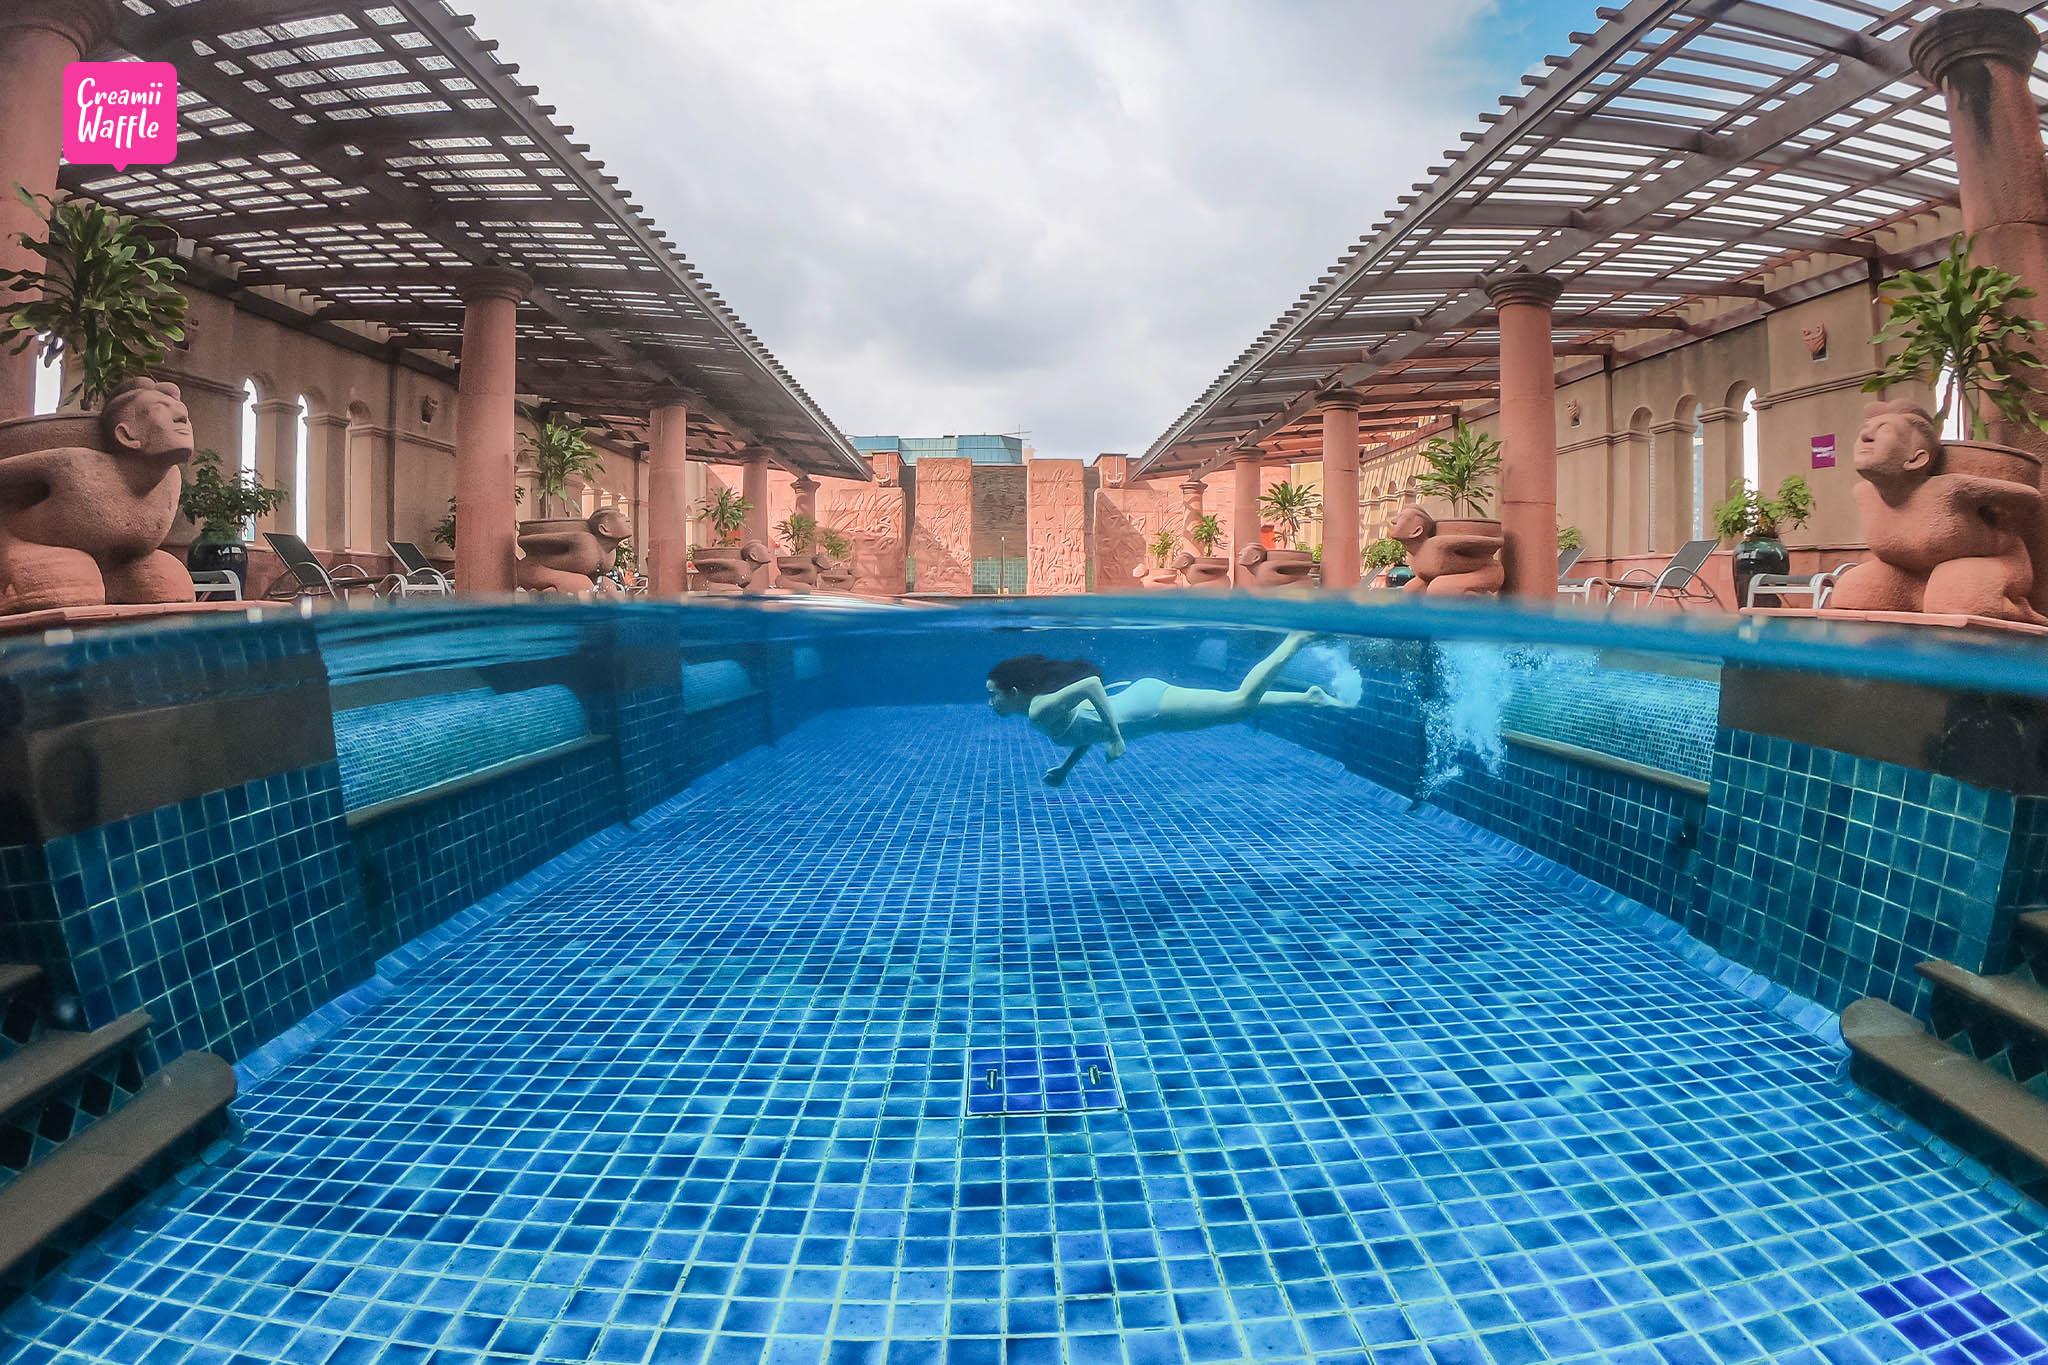 crowne plaza bangkok Lumpini Park swimming pool